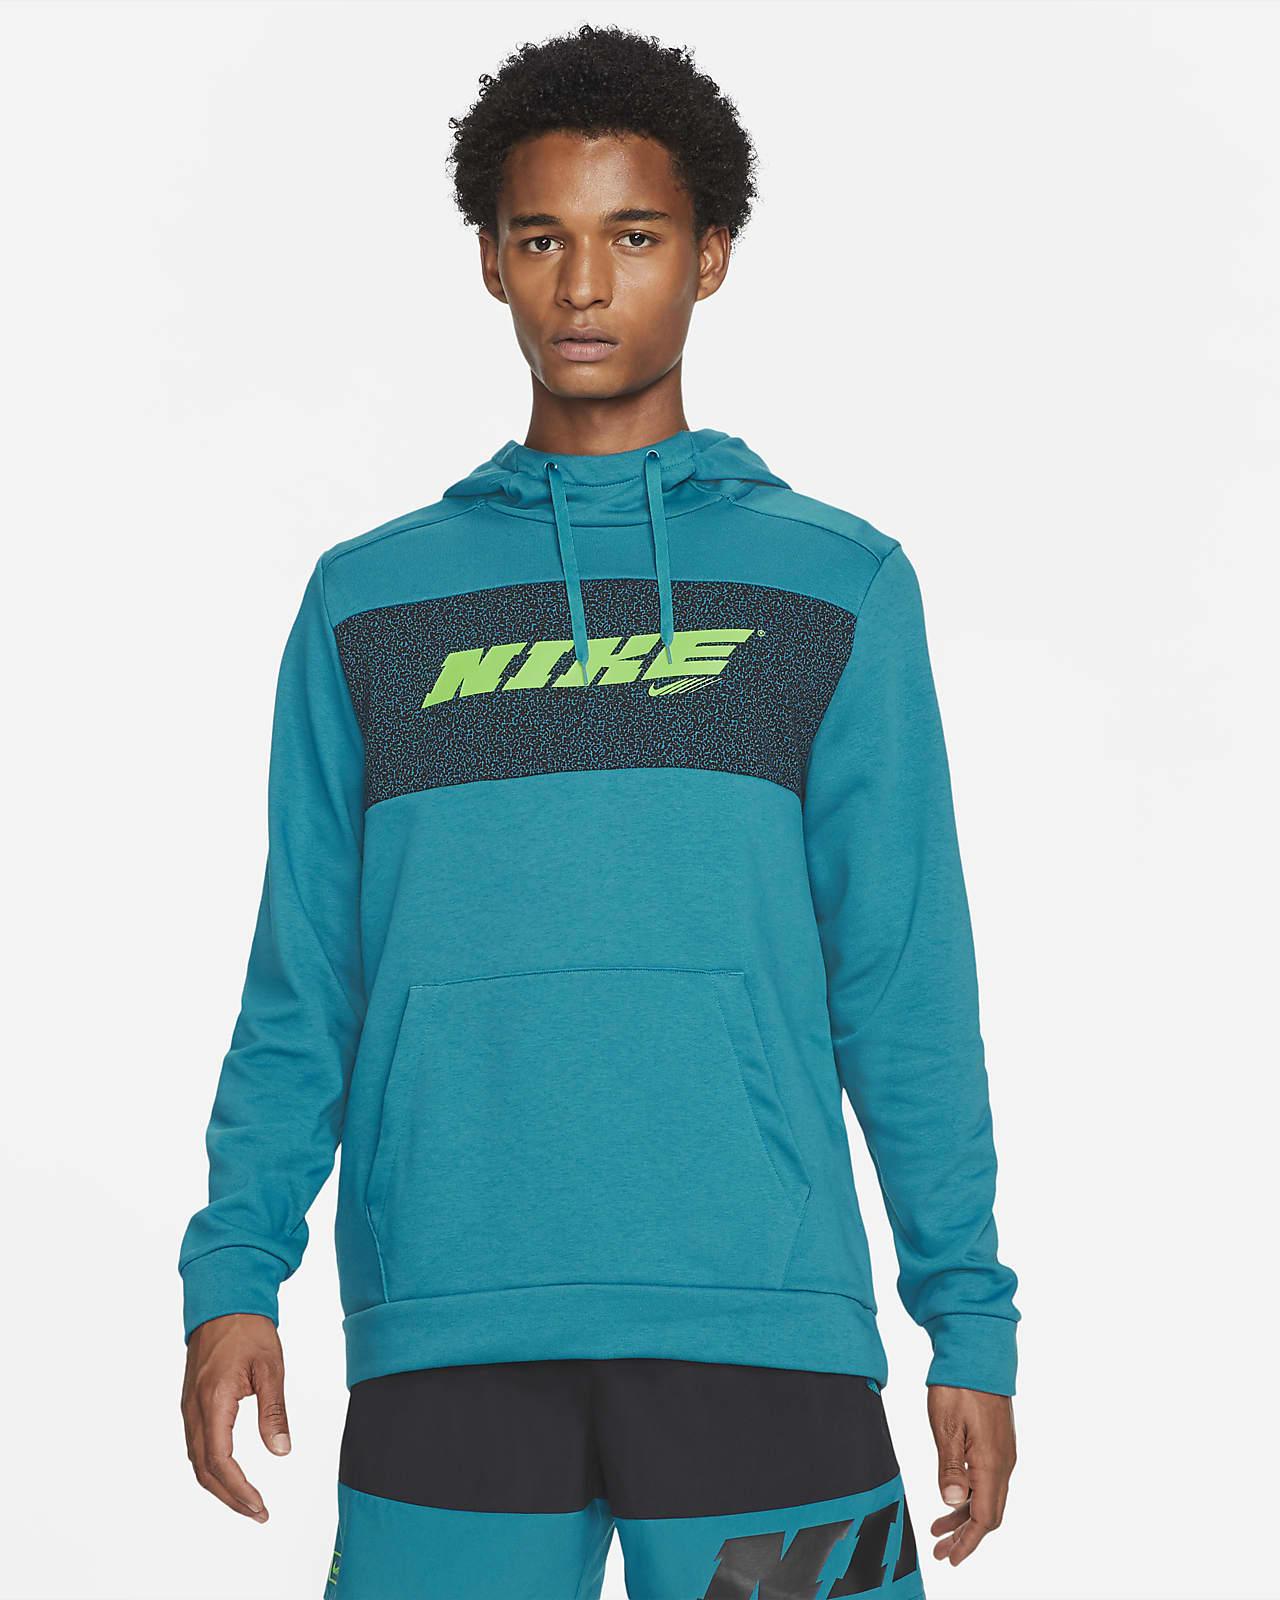 Ανδρική μπλούζα προπόνησης με κουκούλα Nike Dri-FIT Sport Clash